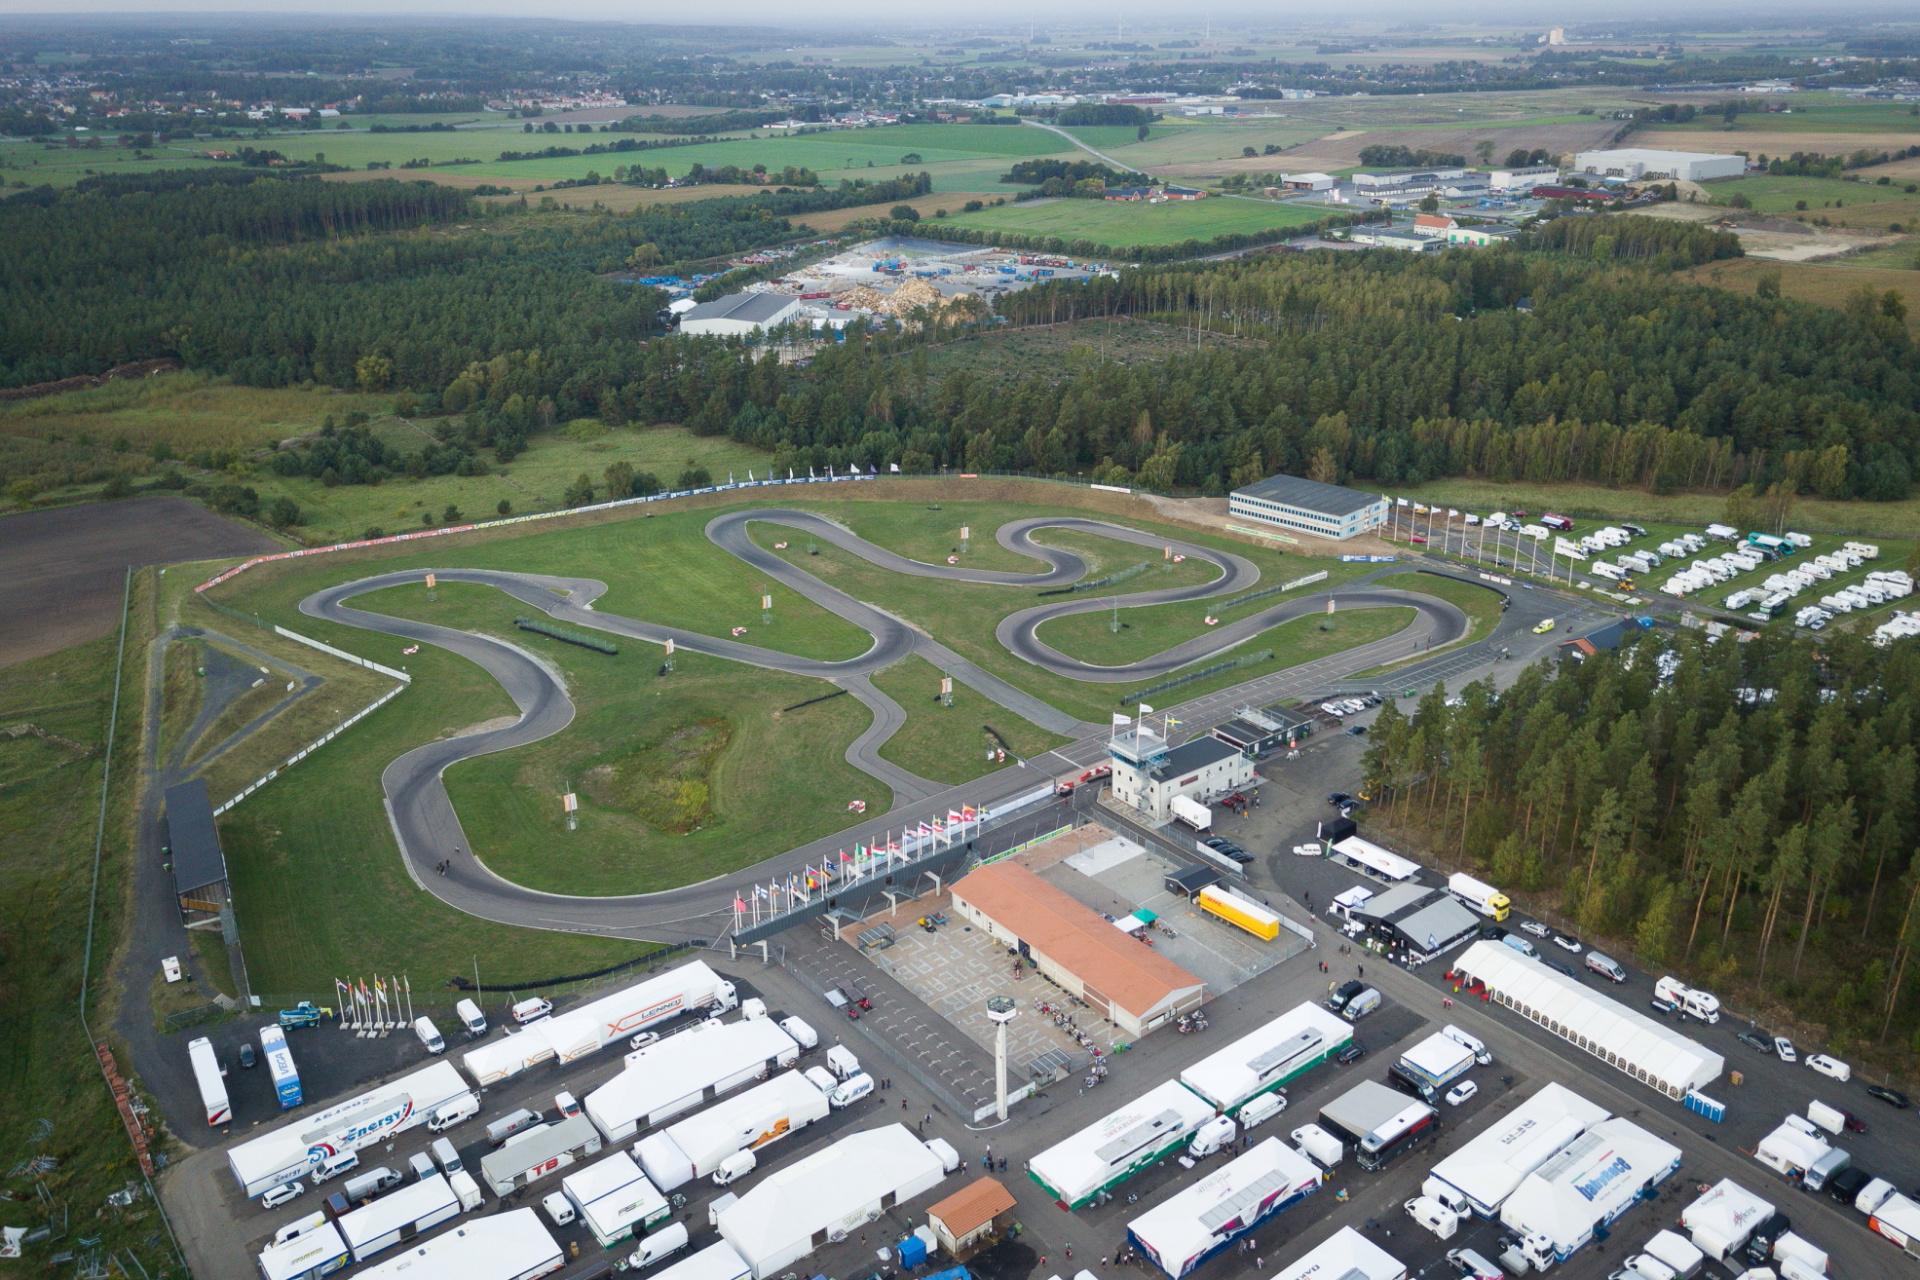 Turno del primer Campeonato del Mundo FIA Karting 2021